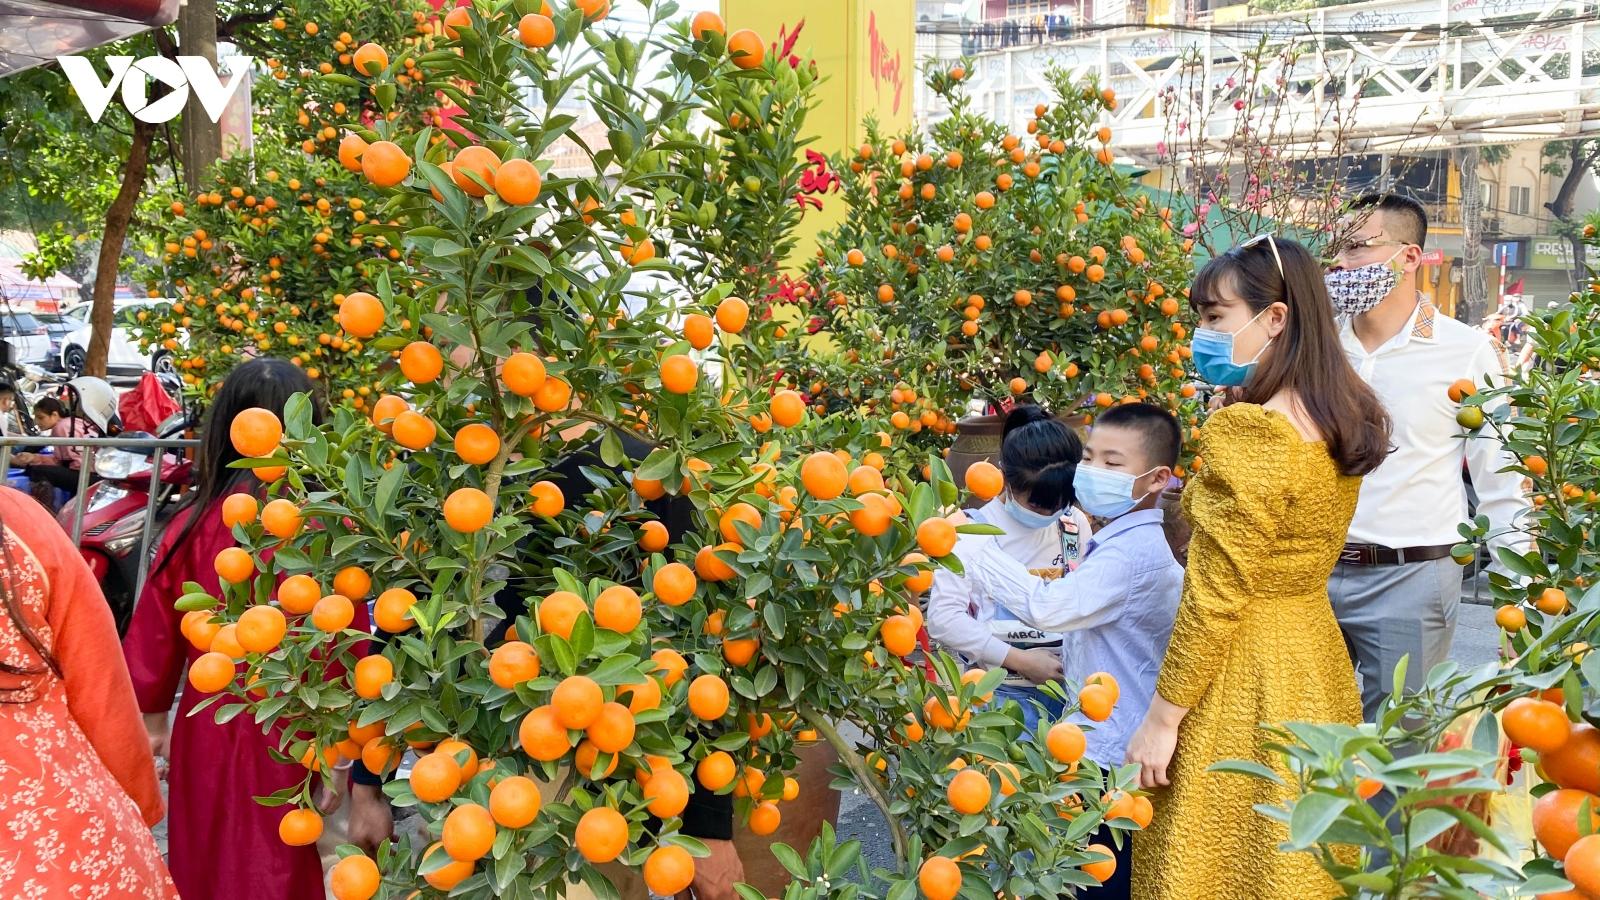 Phố phường Hà Nội quang đãng trong ngày 29 Tết Tân Sửu